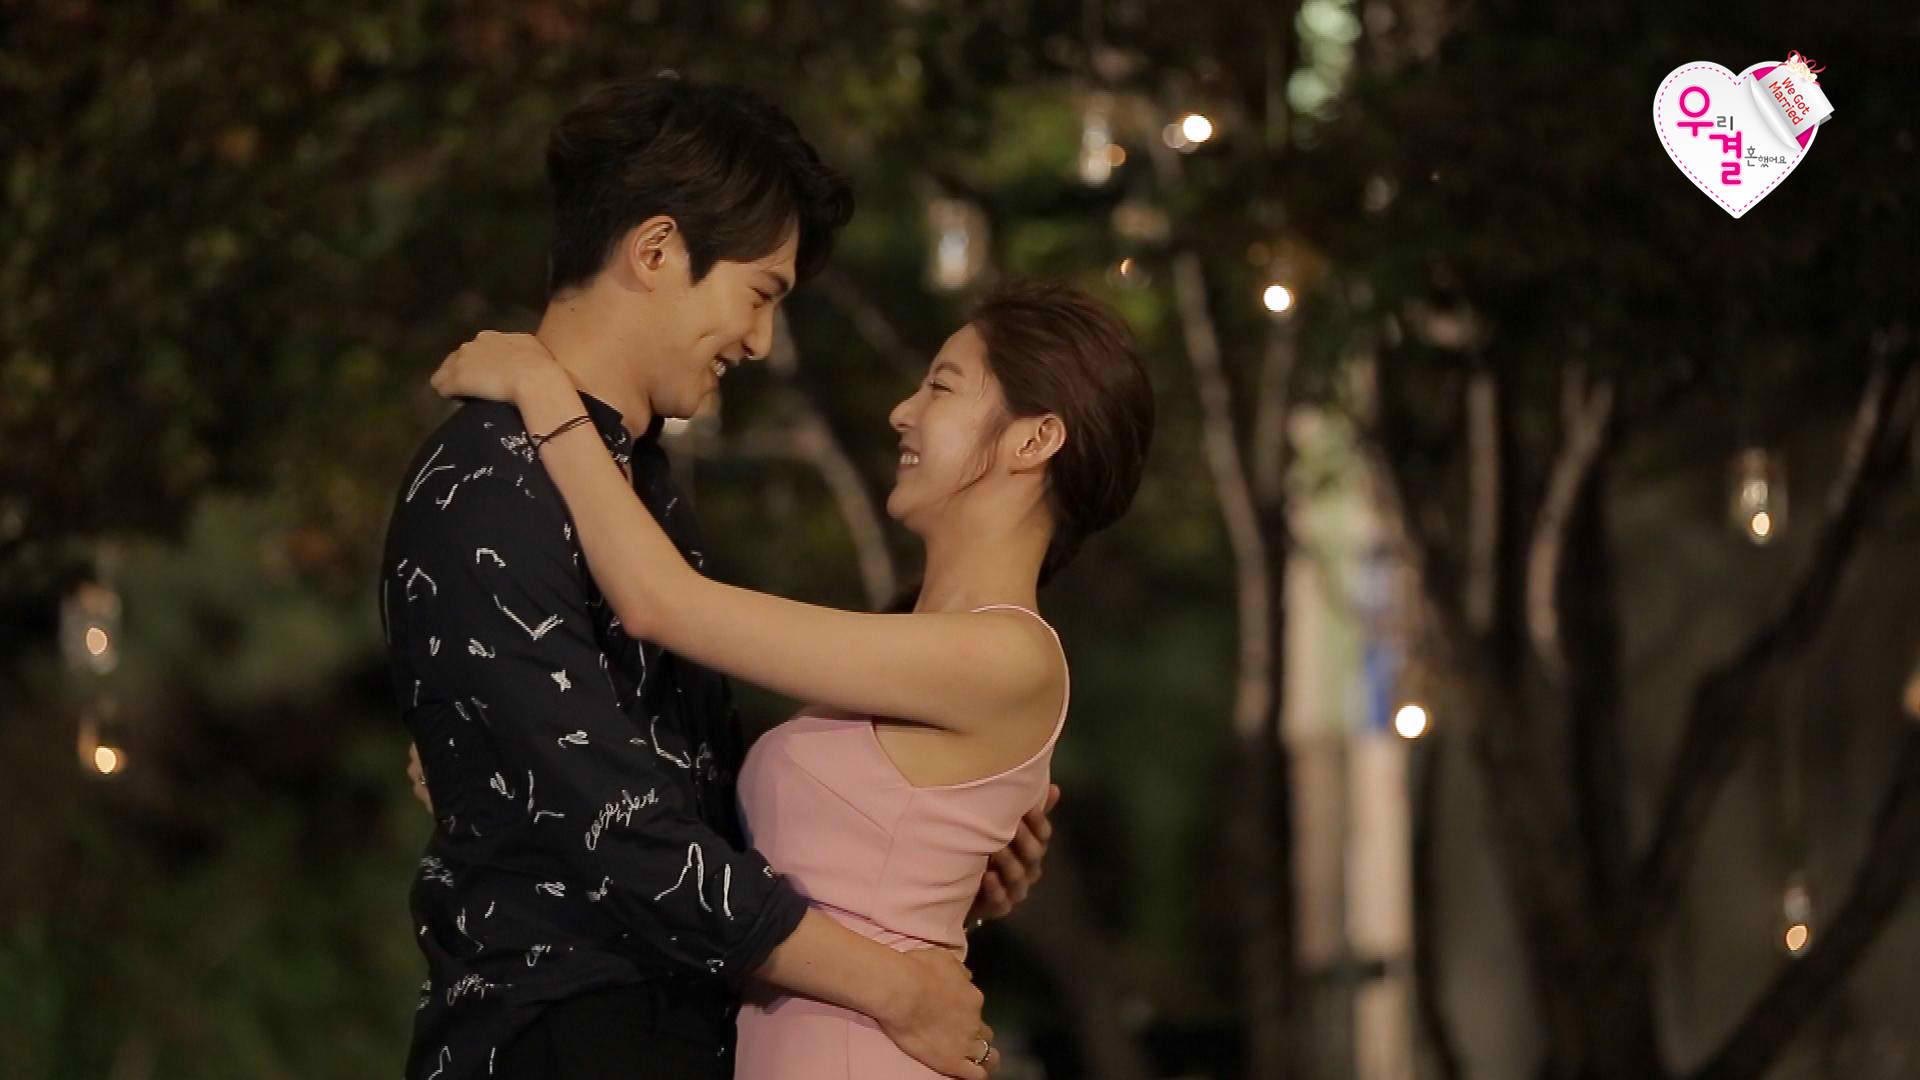 Yeon Seo We Got Married Iconic Wgm